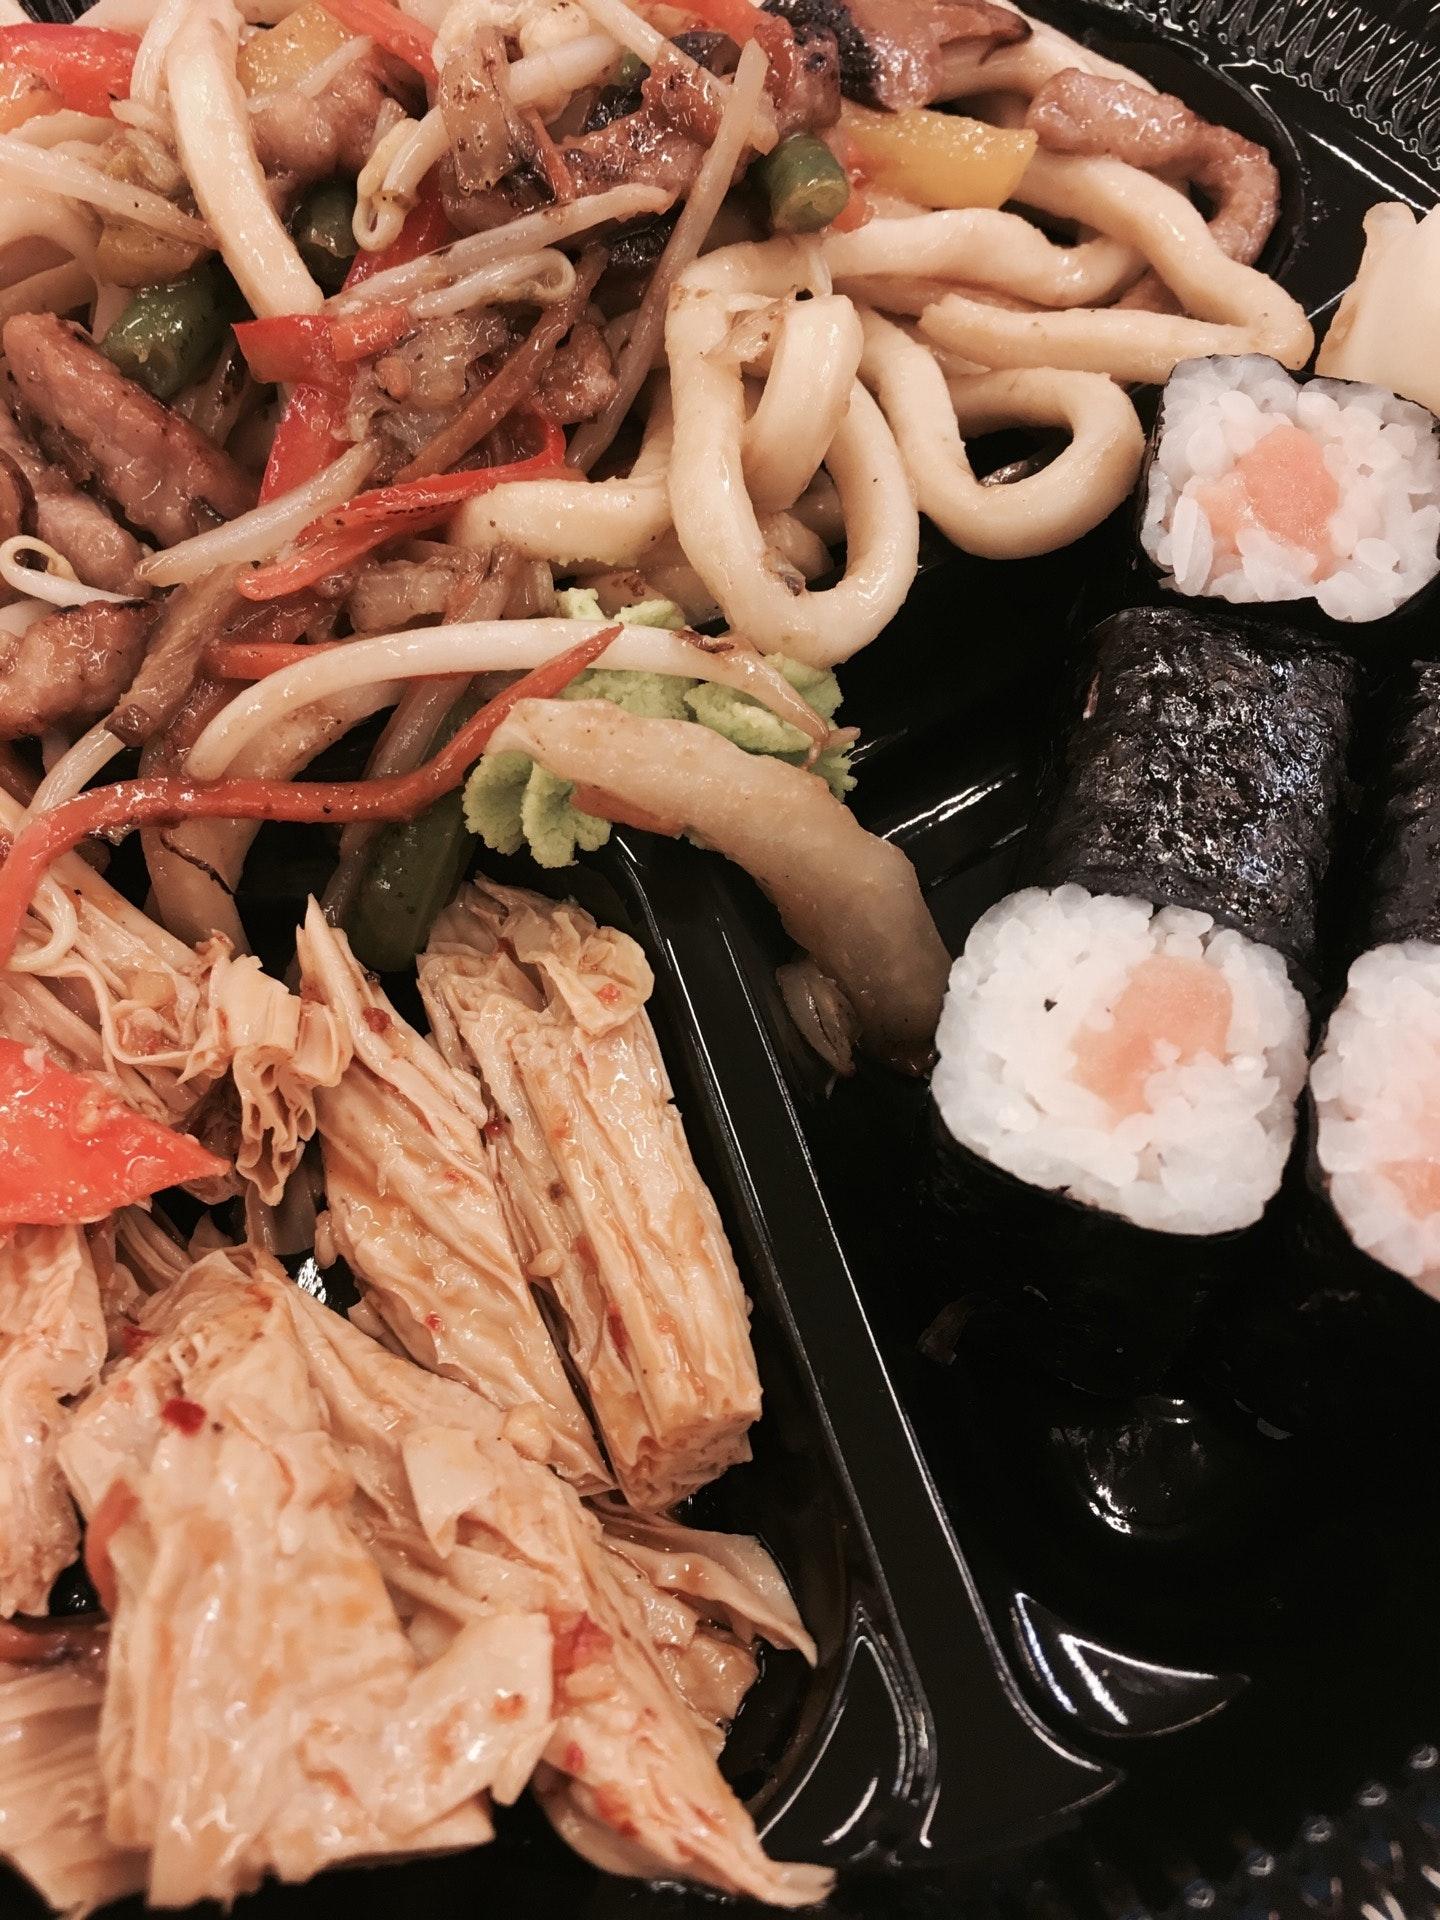 фото кухни суши на вынос войска городе, стороны